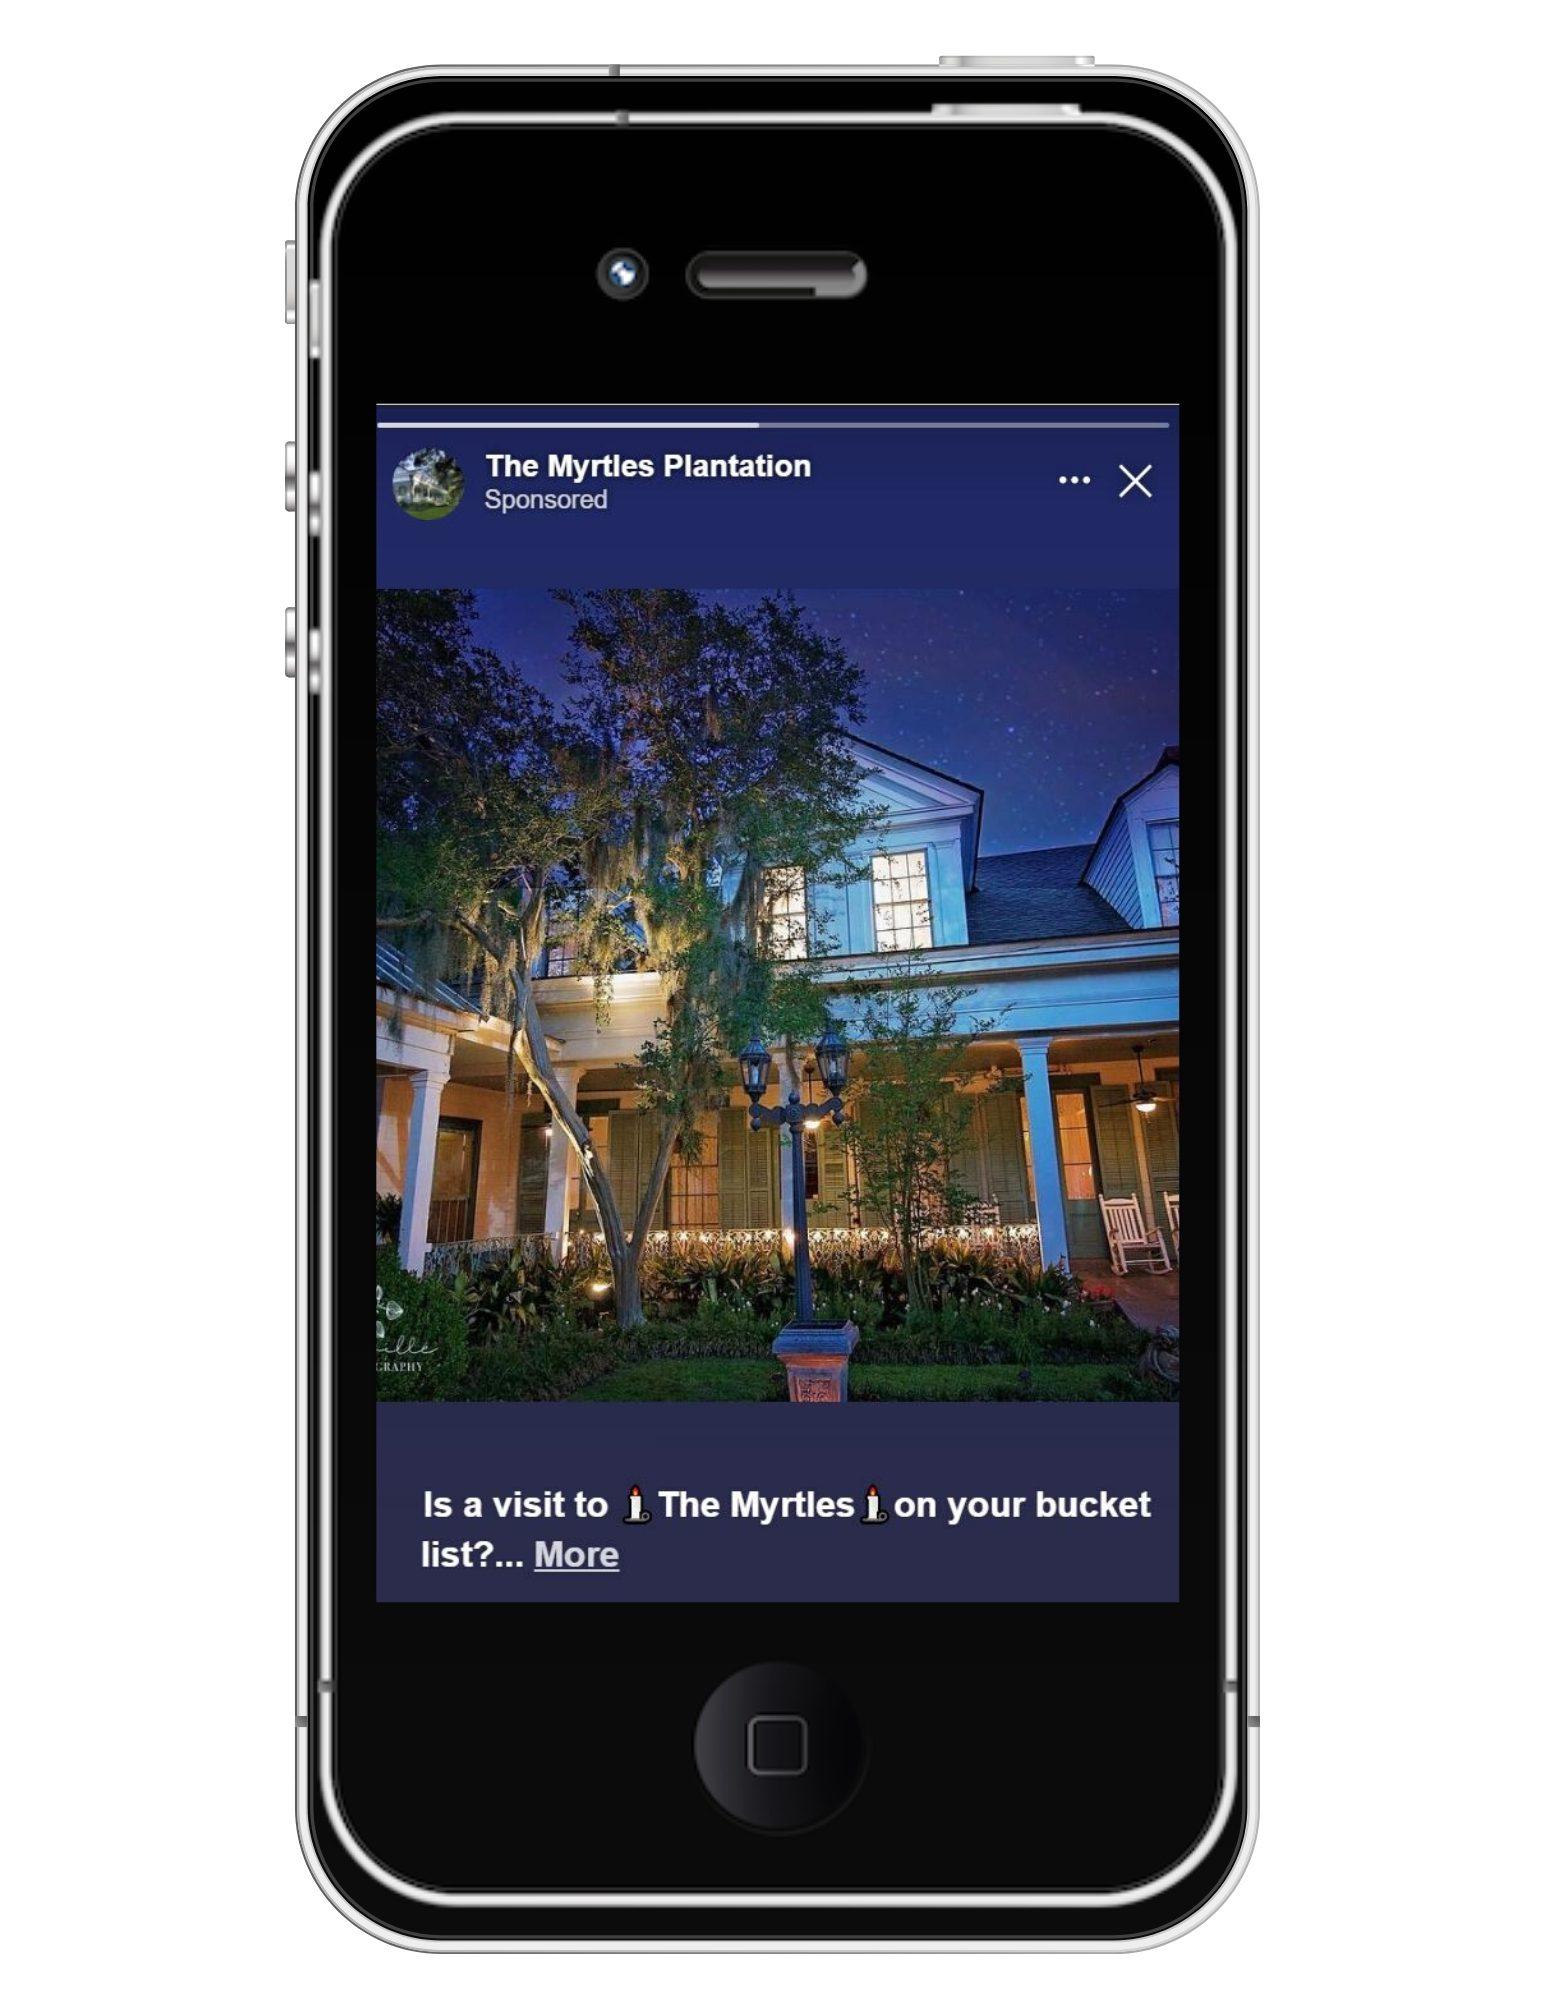 myrtles plantation social media